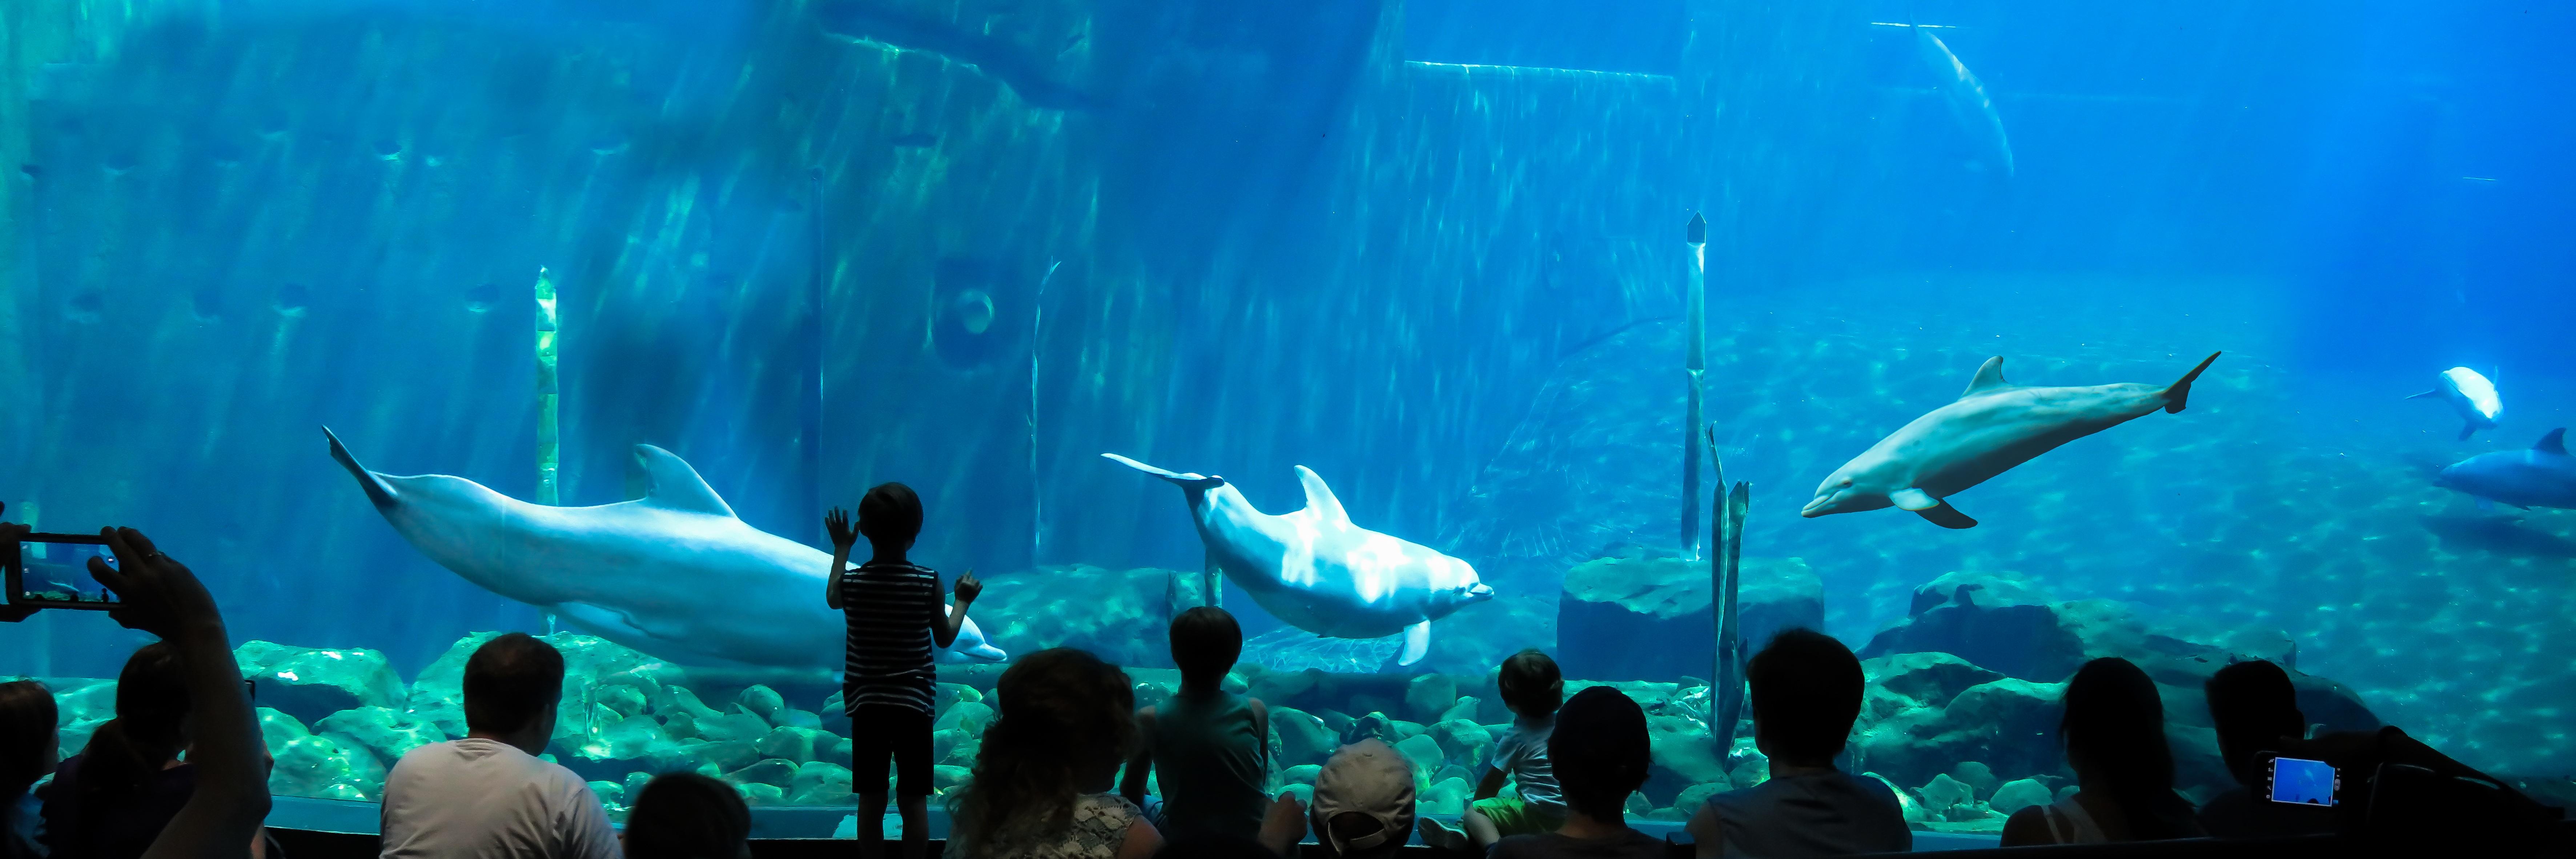 Dolphins in the aquarium photo